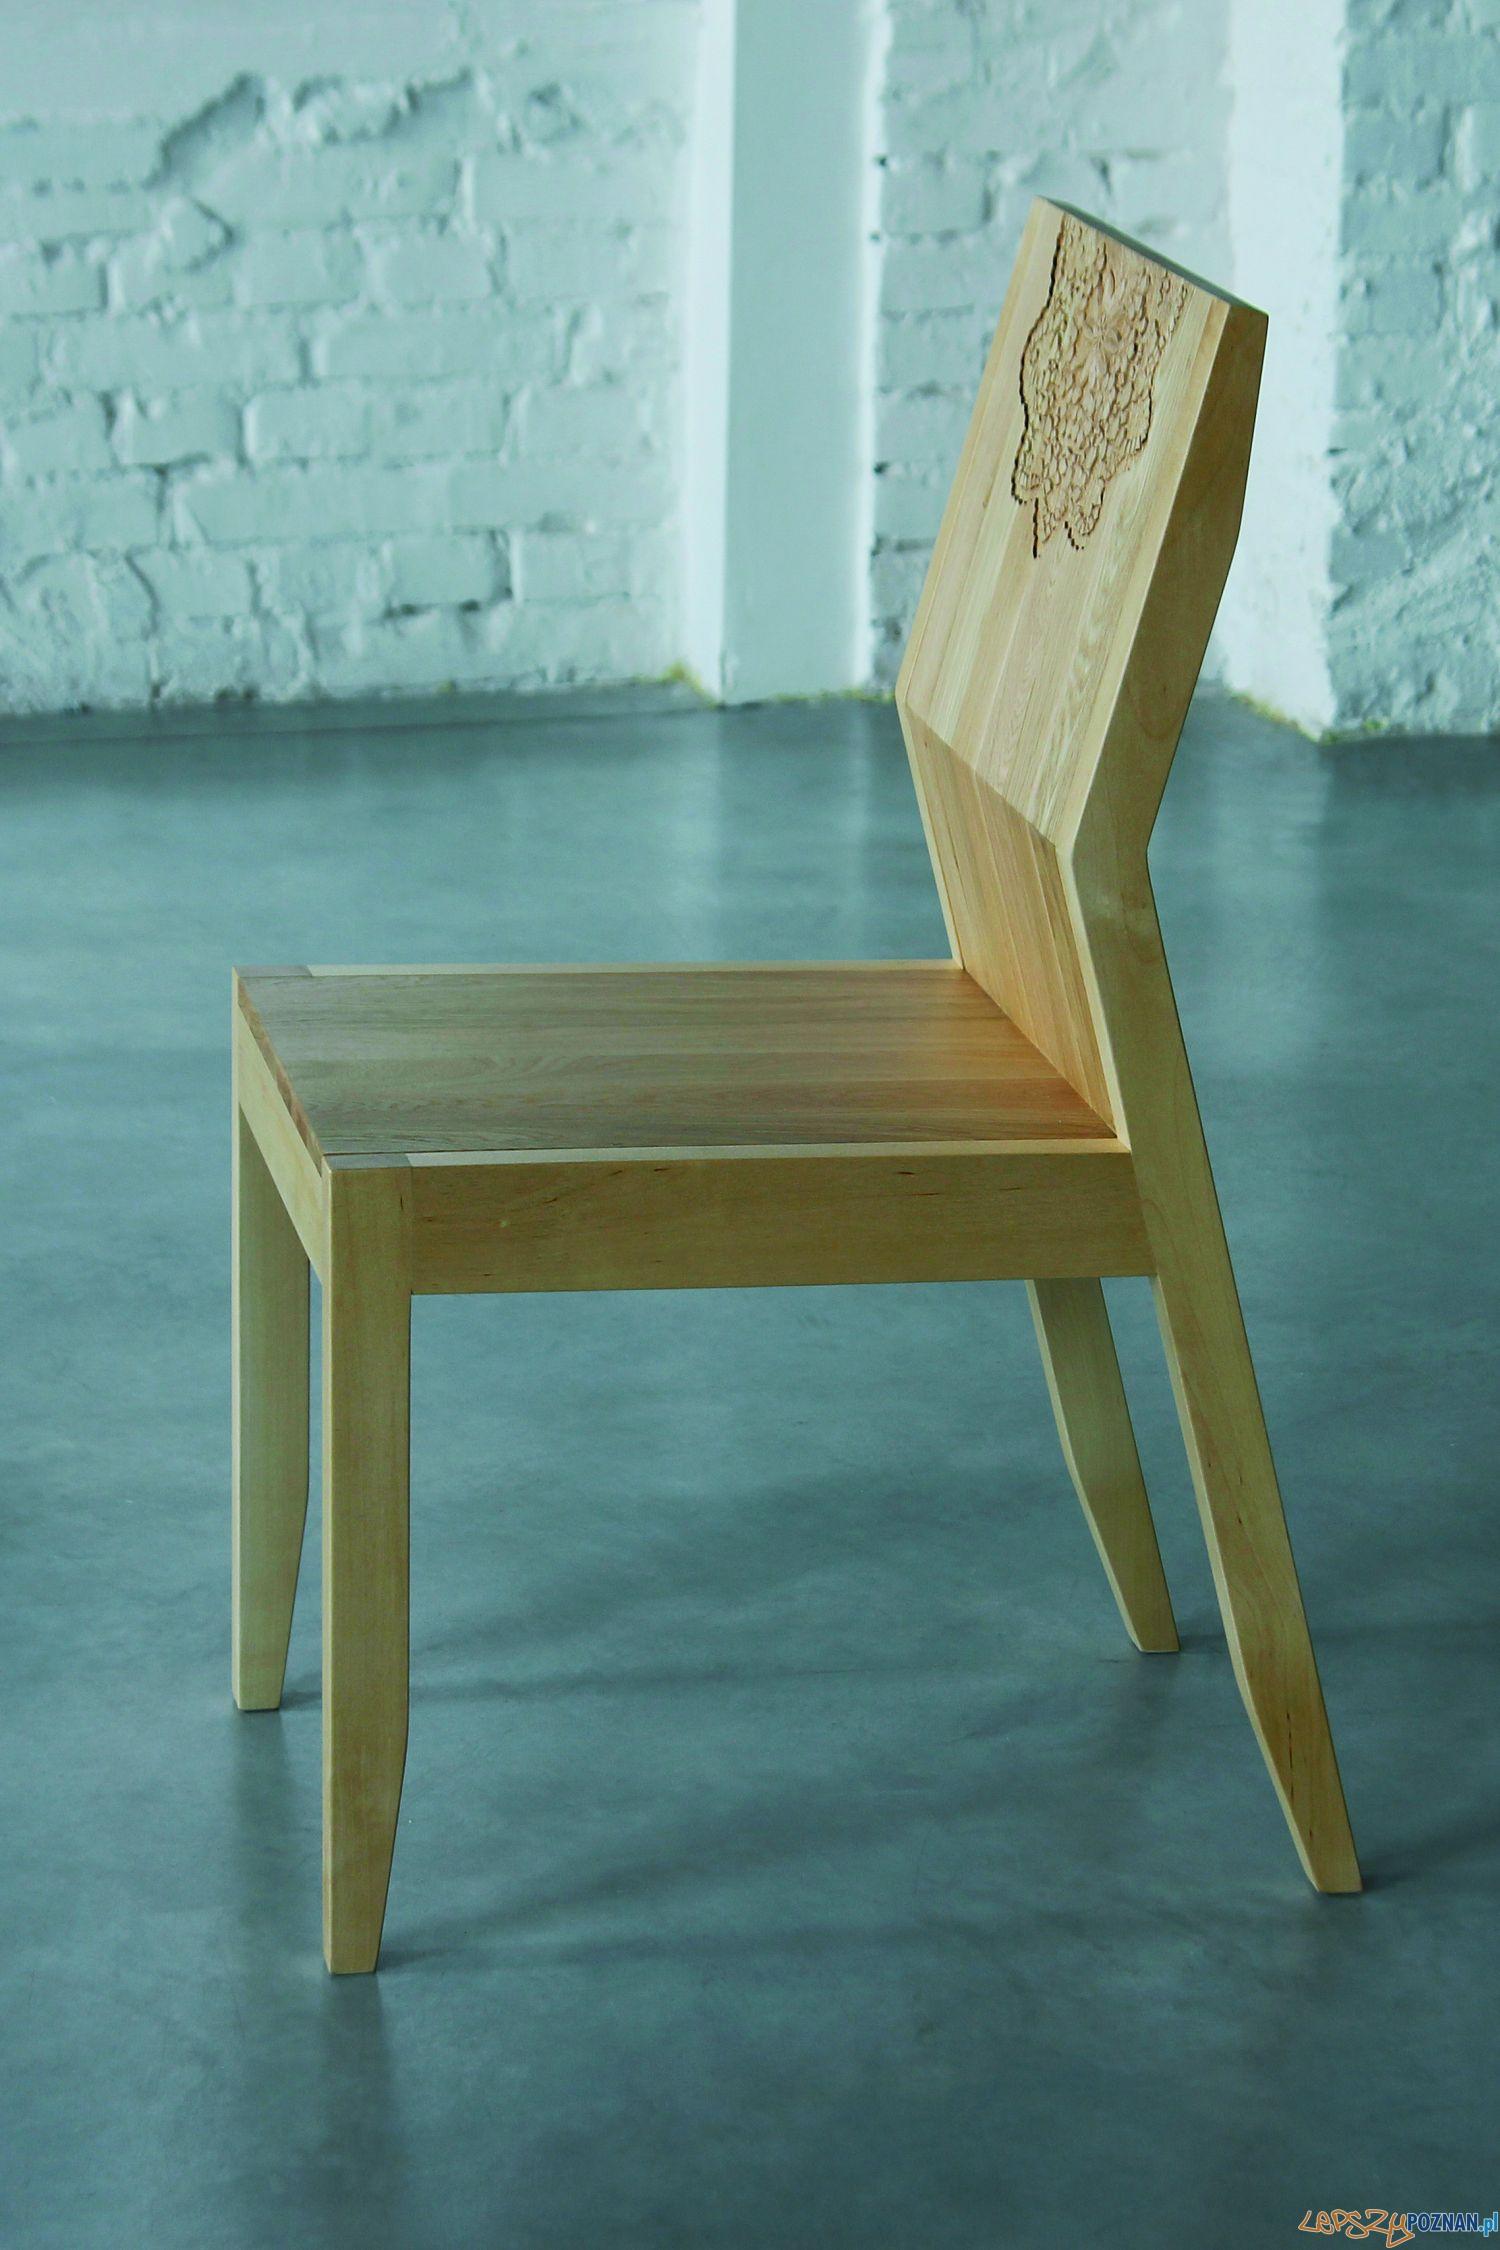 Nowa FORMA 2012 - krzesło POLA - Wytwórnia Krzeseł Klota  Foto: materiały prasowe